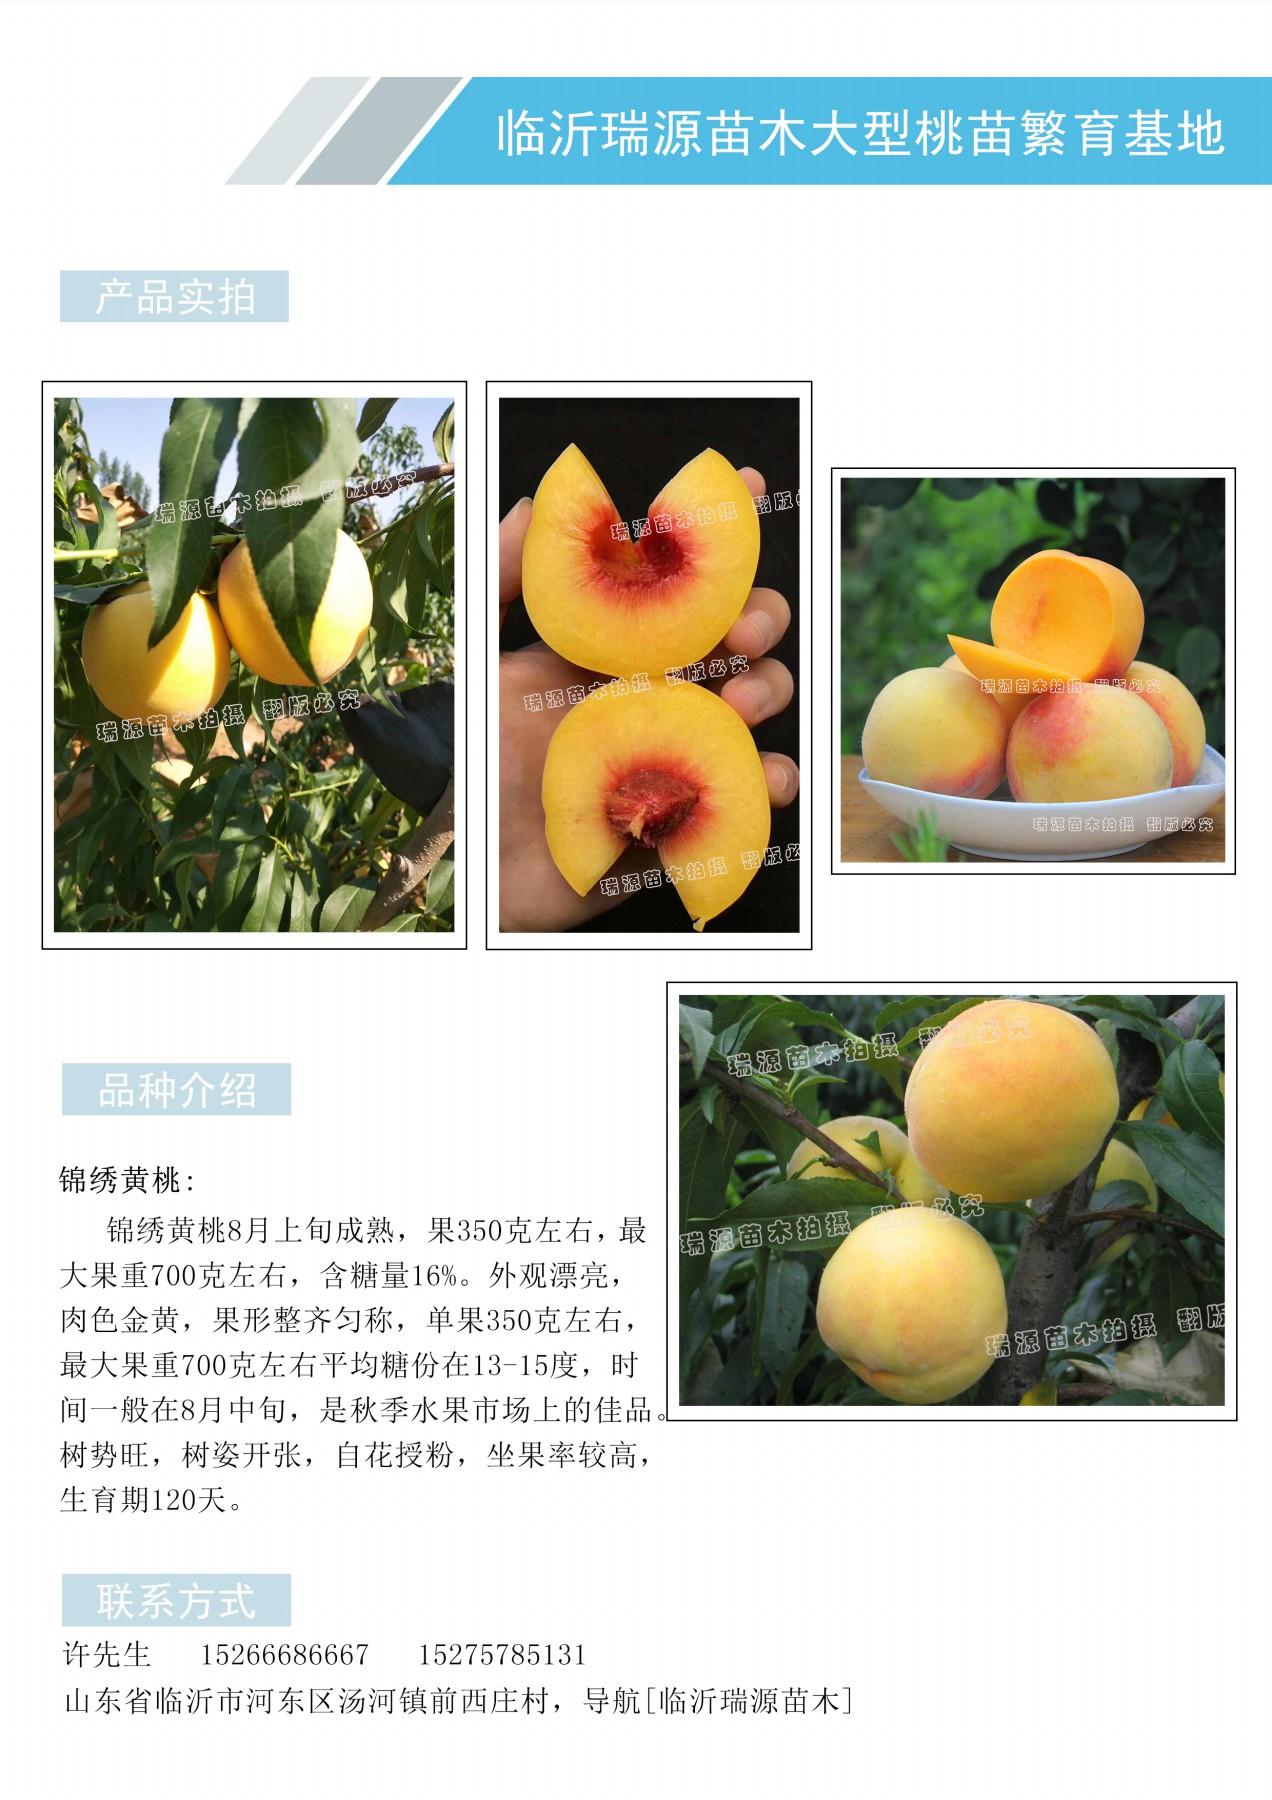 黄金蟠桃苗哪里有售_黄金蟠桃苗哪里有售桃树苗种植